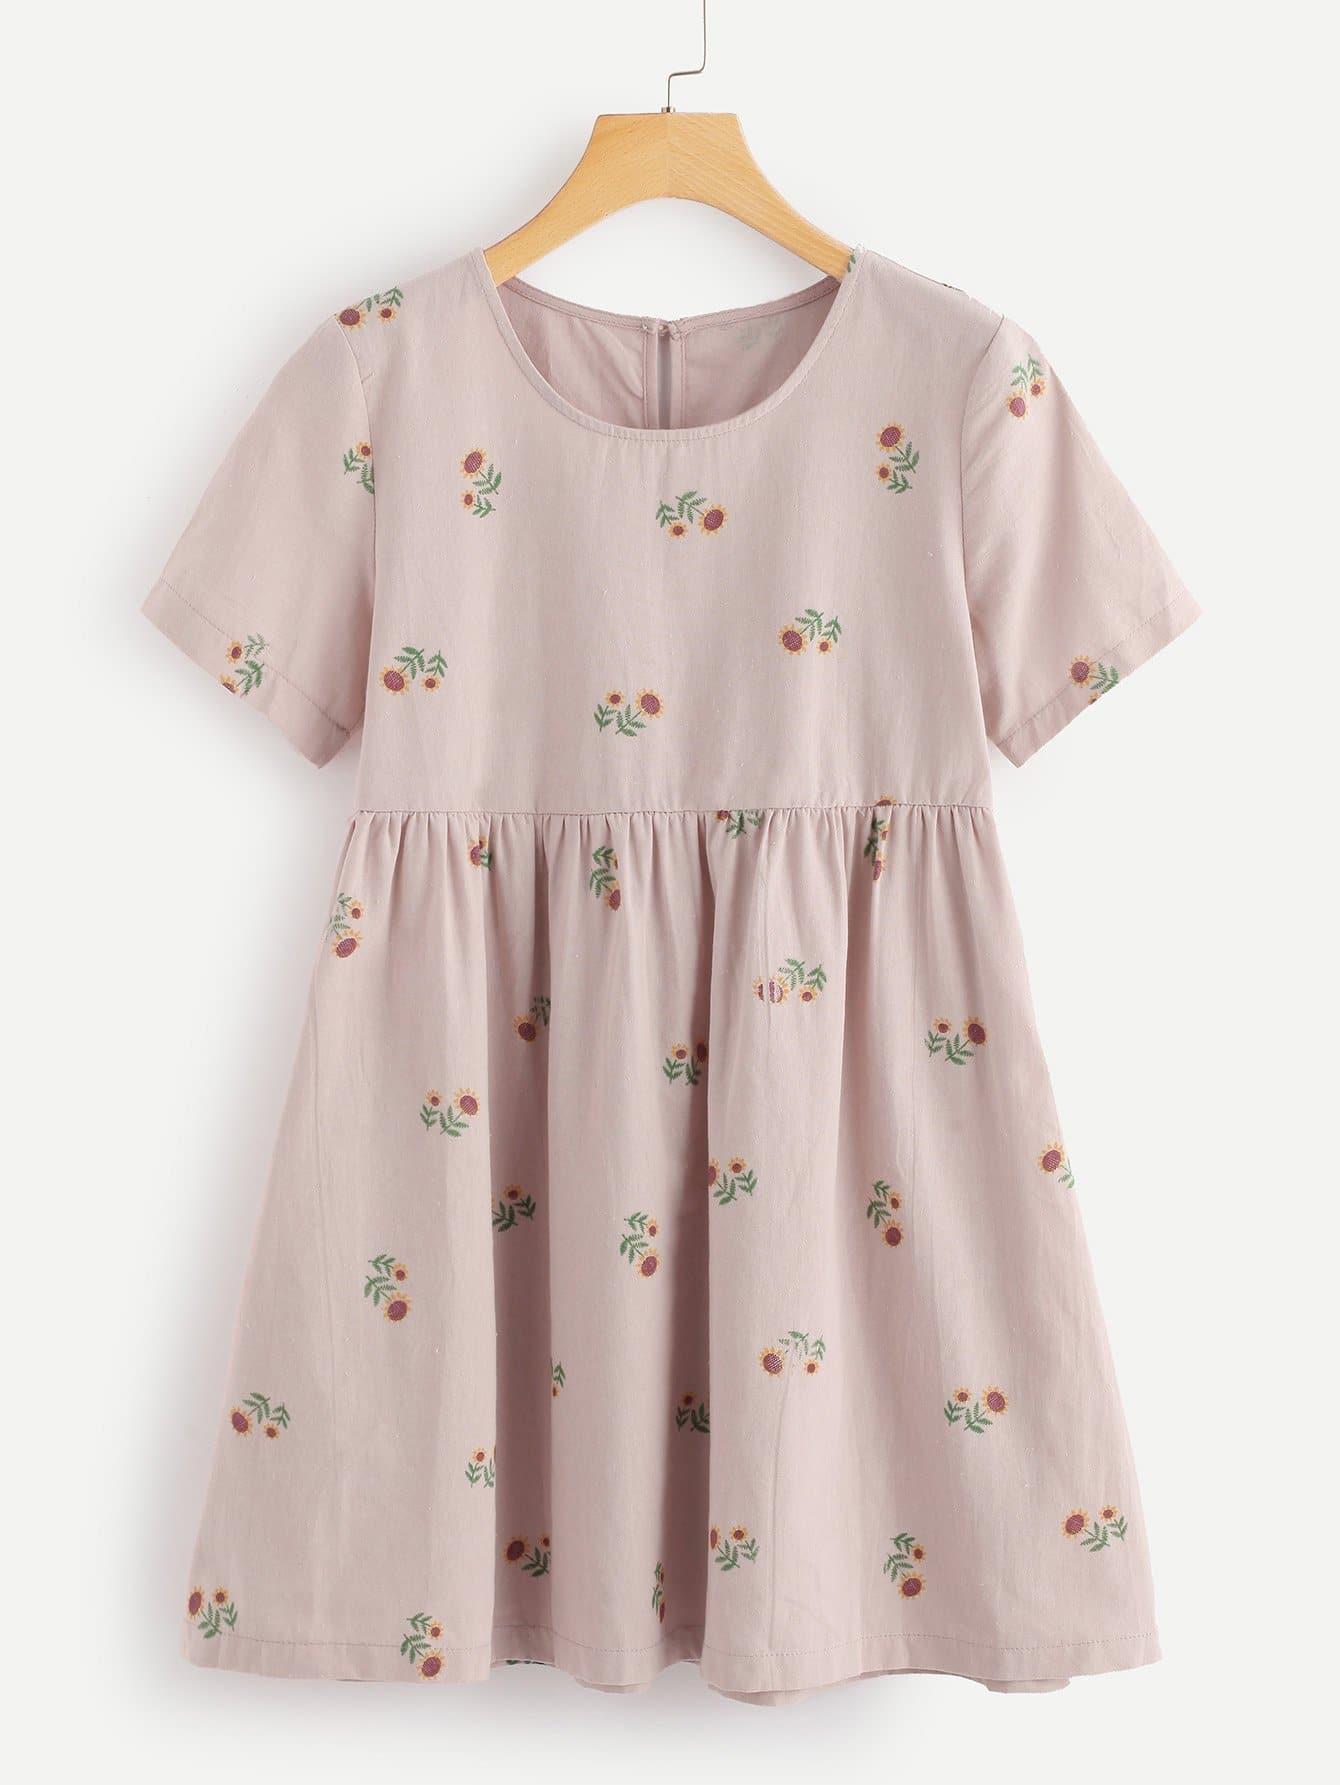 Купить Ситцевое платье и с замочной скважиной сзади одежды, null, SheIn